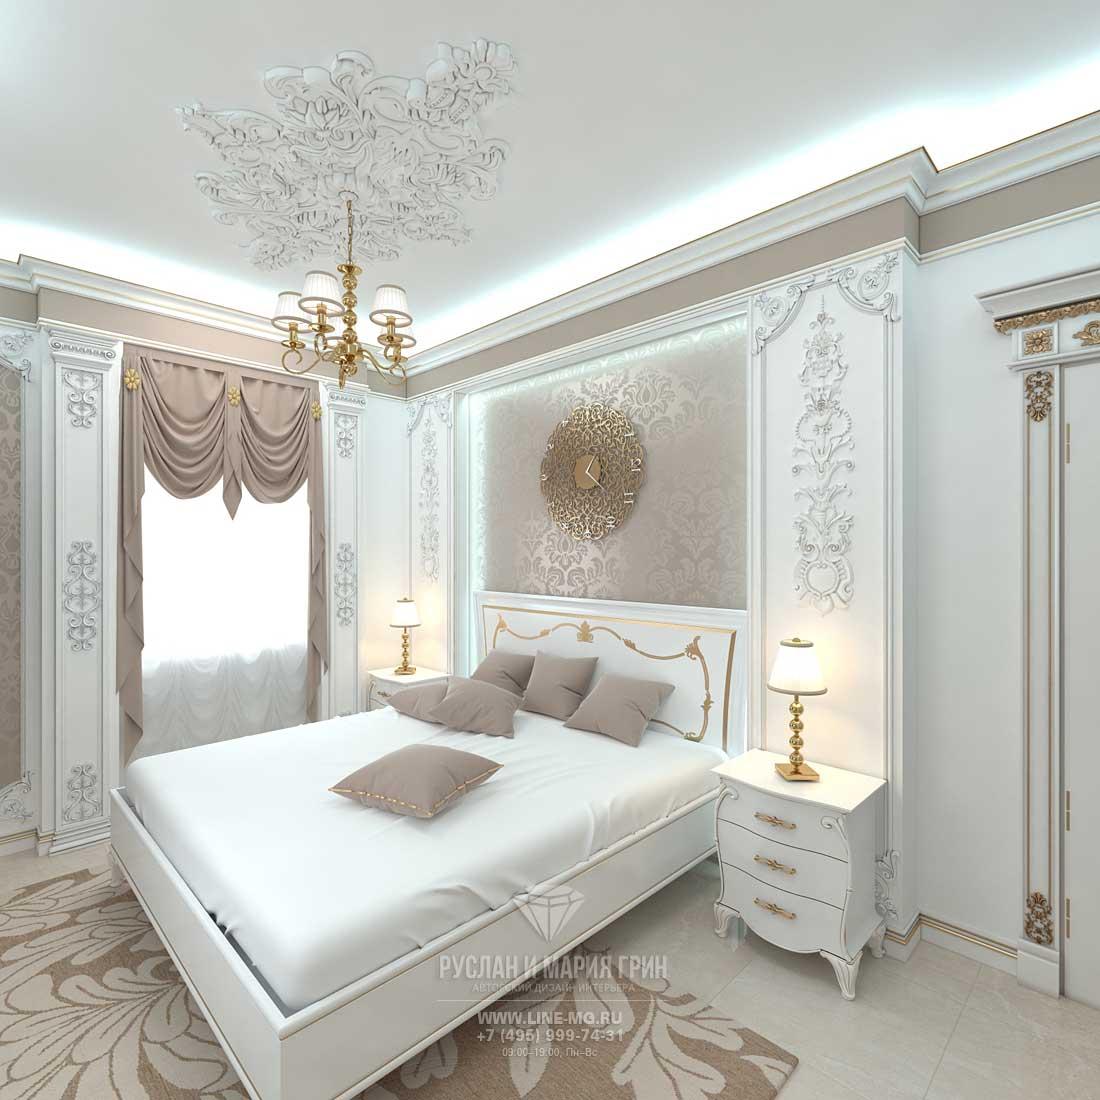 современные спальни дизайн: Современные идеи и фото 2015